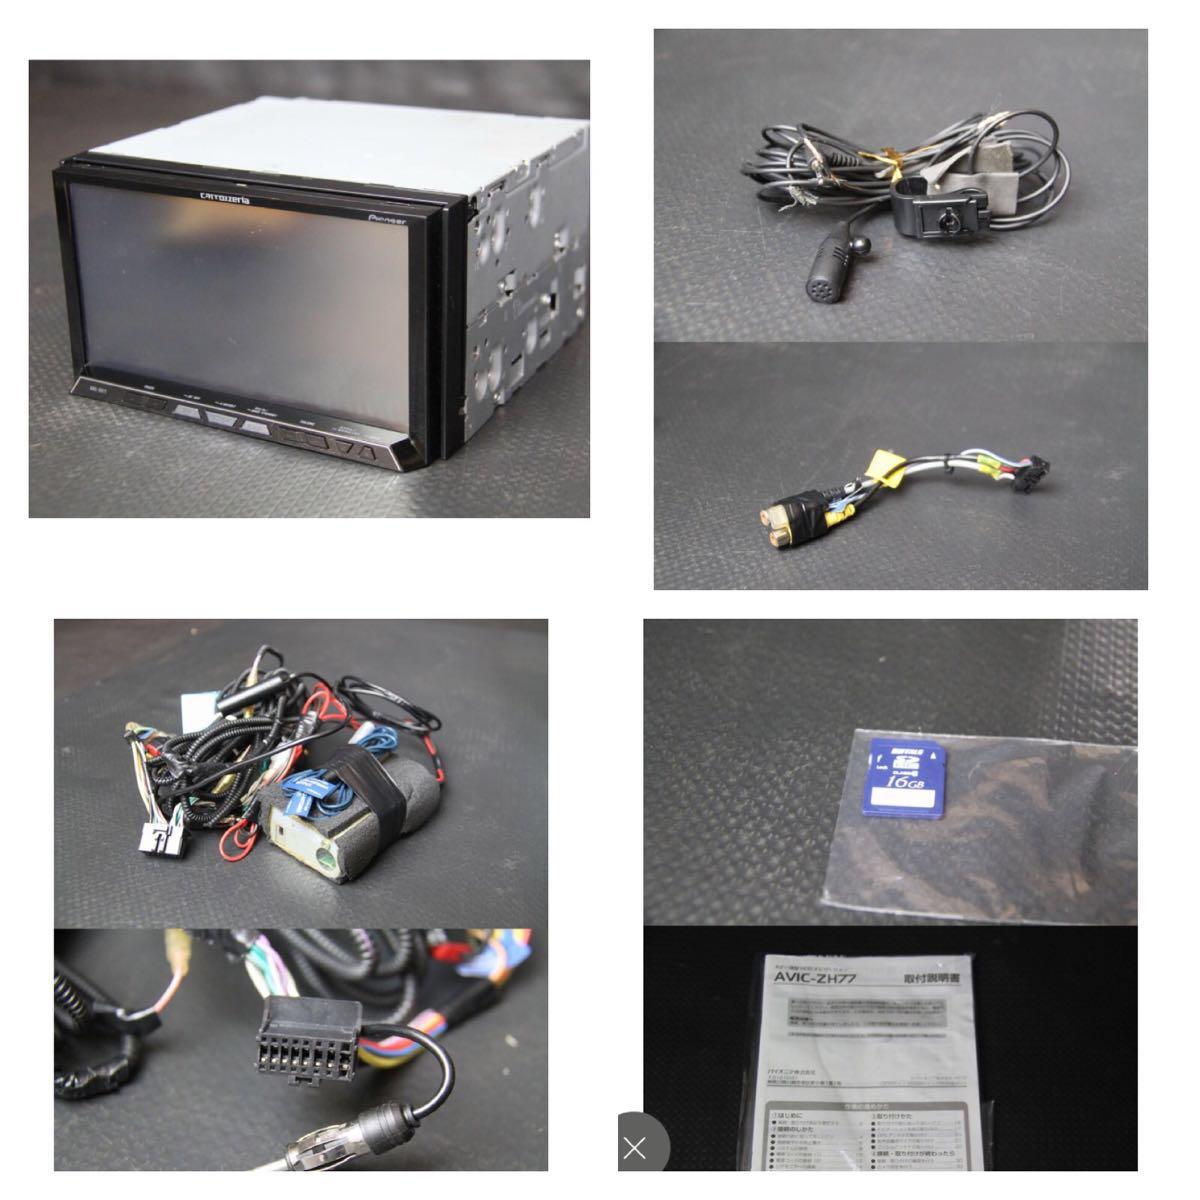 【1円すたーと】美品 carrozzeria AVIC-ZH77 完動品 地上デジタルTV/DVD/CD/Bluetooth/USB/SD/ HDDナビ サイバーナビ パイオニア_画像2